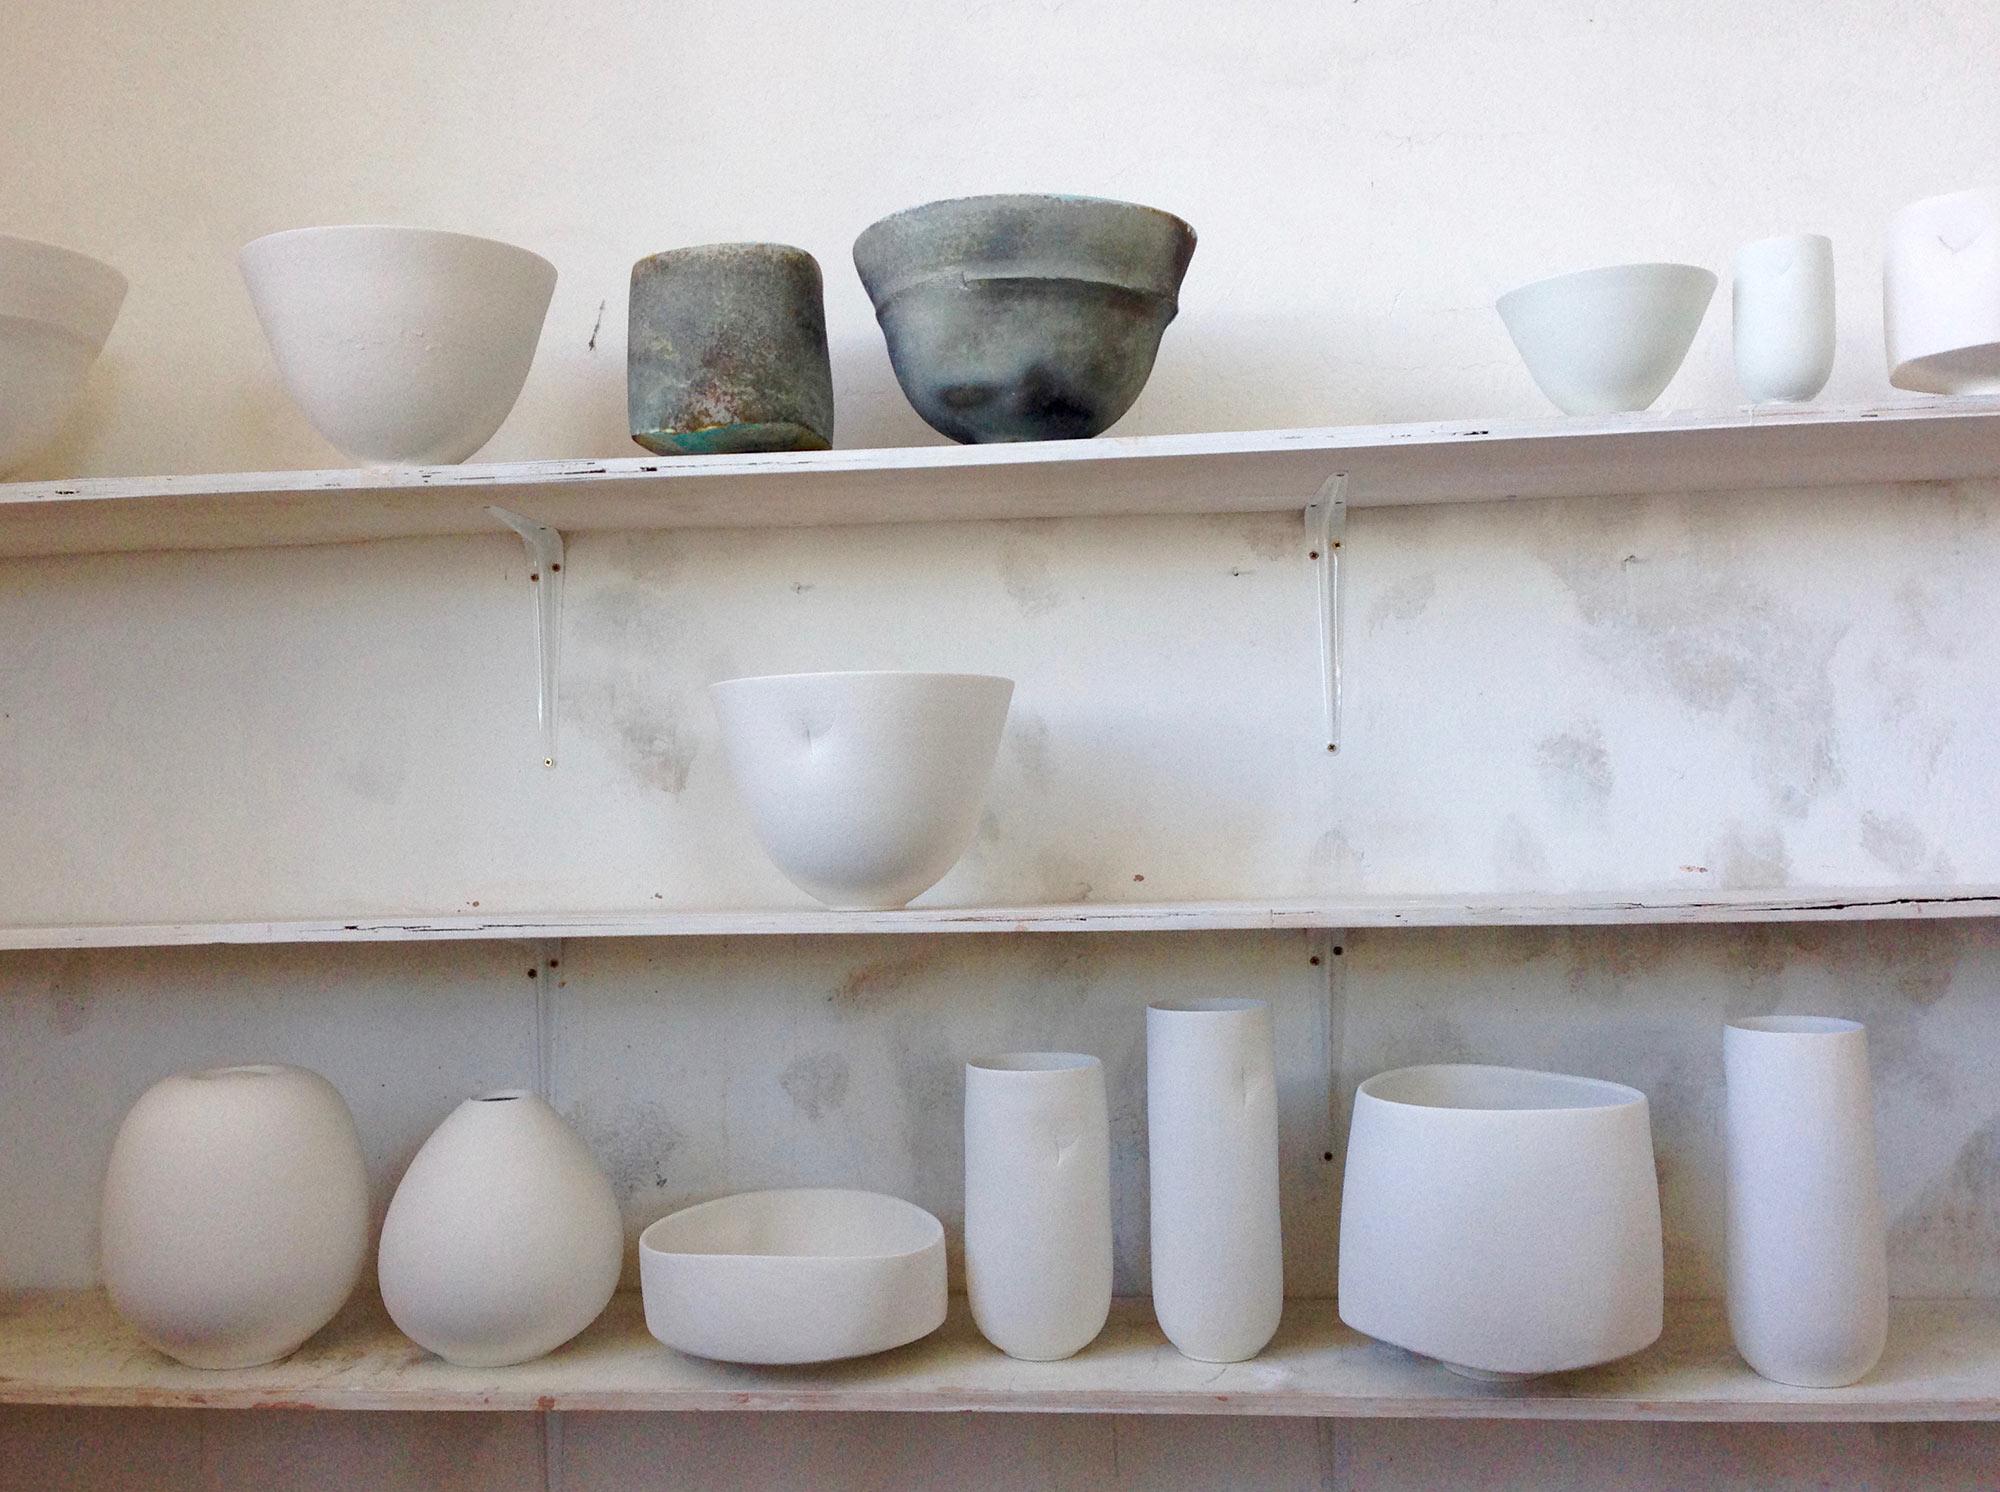 doherty-porcelain-new-studio-studio-shelves.jpg